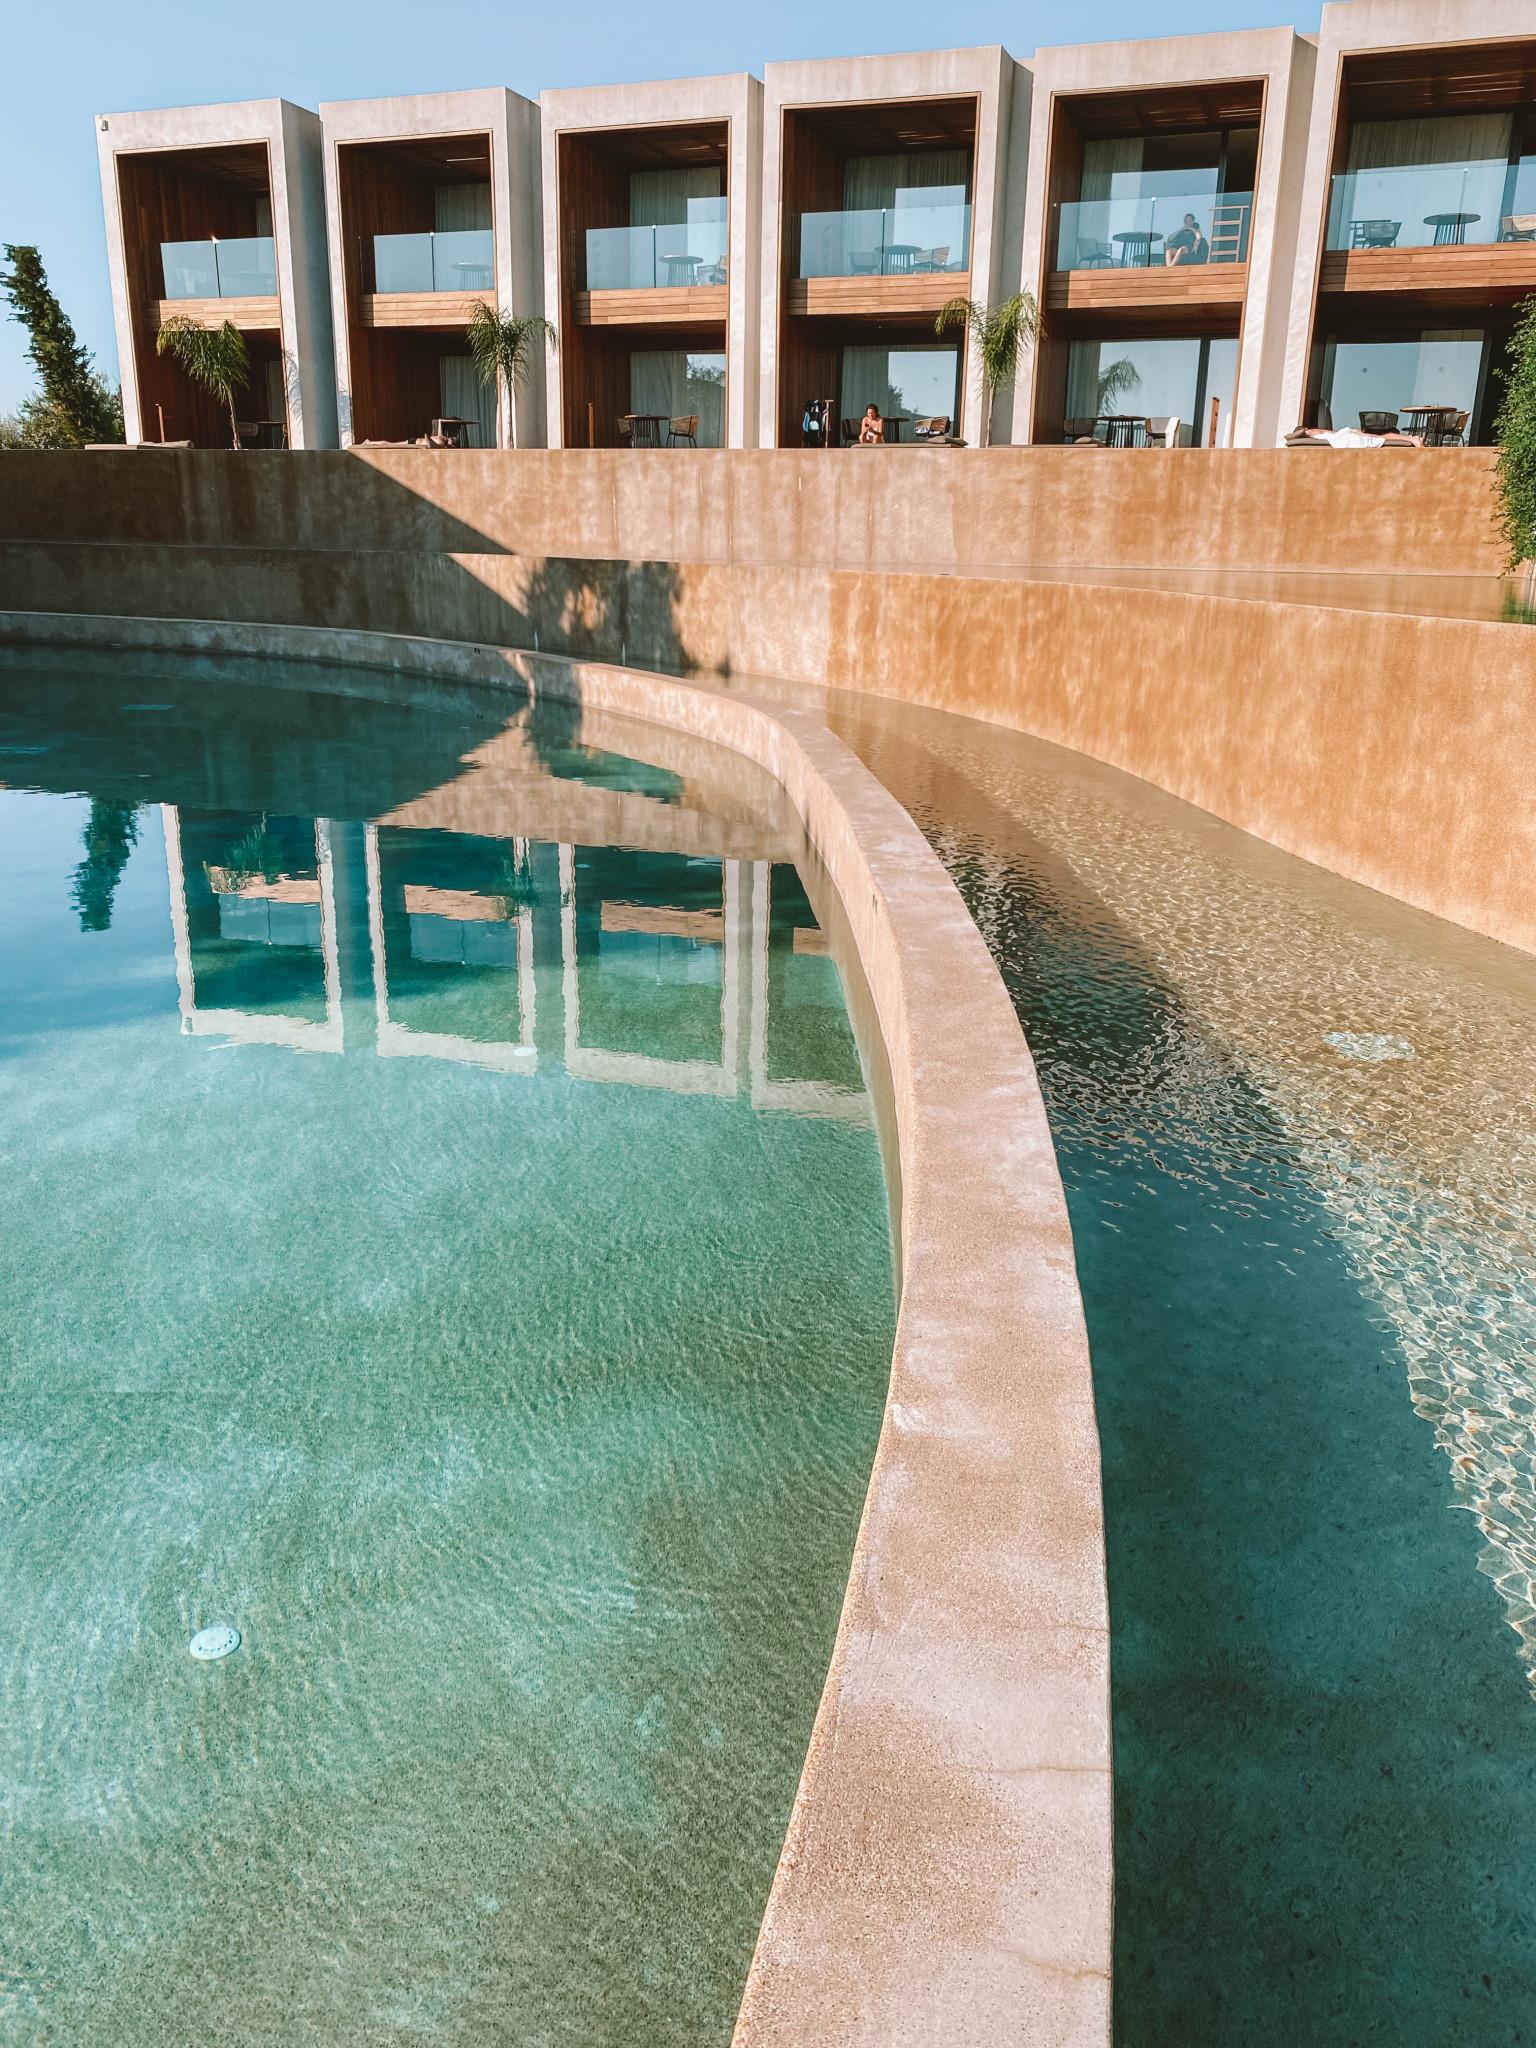 Grèce : Olea All Suite Hotel, bijou de design et de sérénite sur l'île de Zakynthos - 2